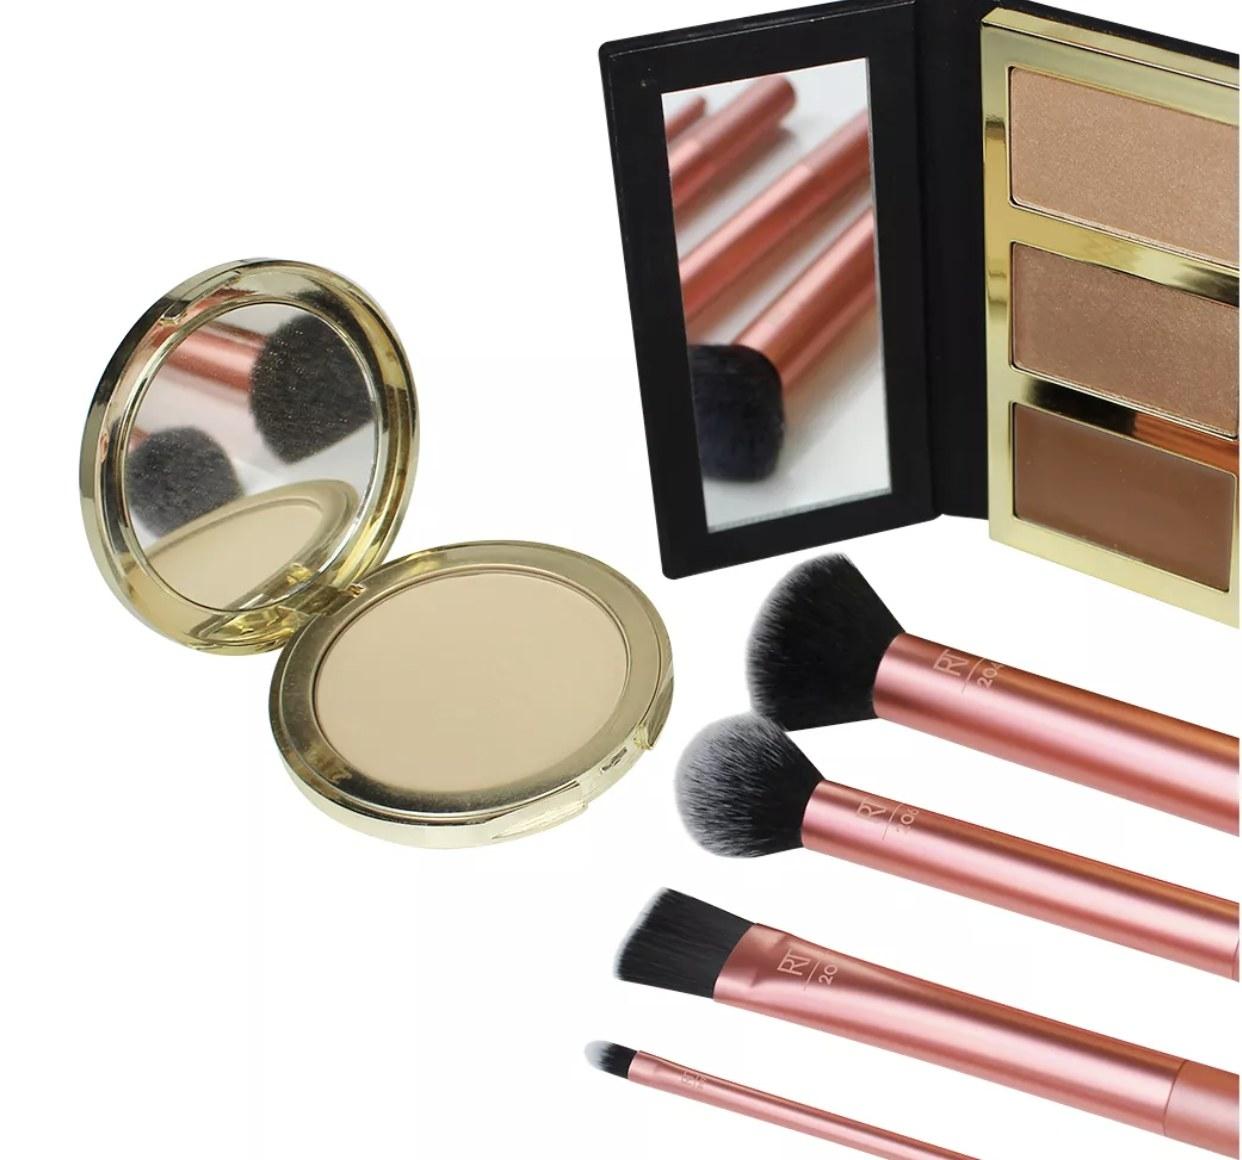 A set of makeup brushes